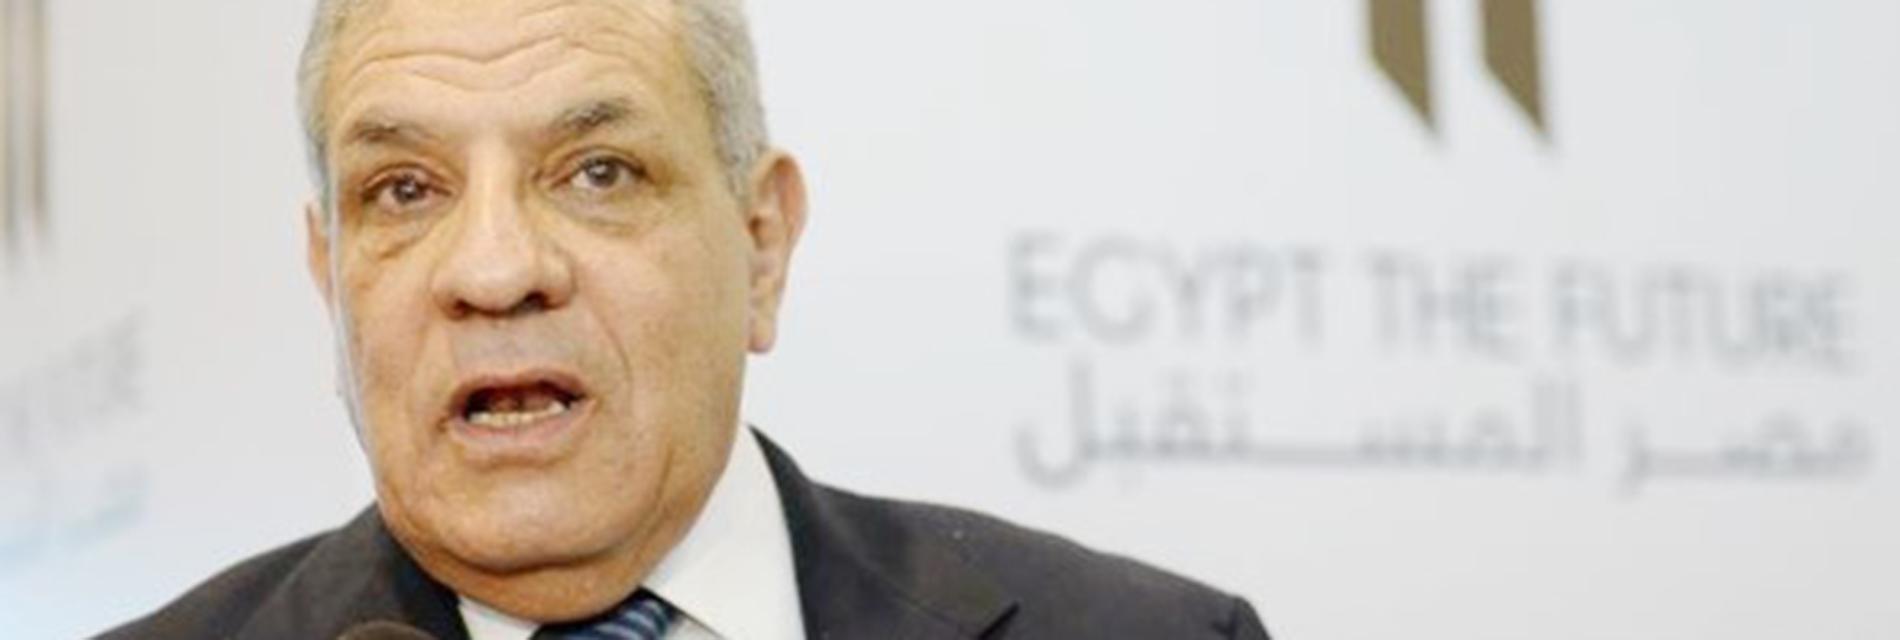 رئيس الحكومة - ابراهيم محلب